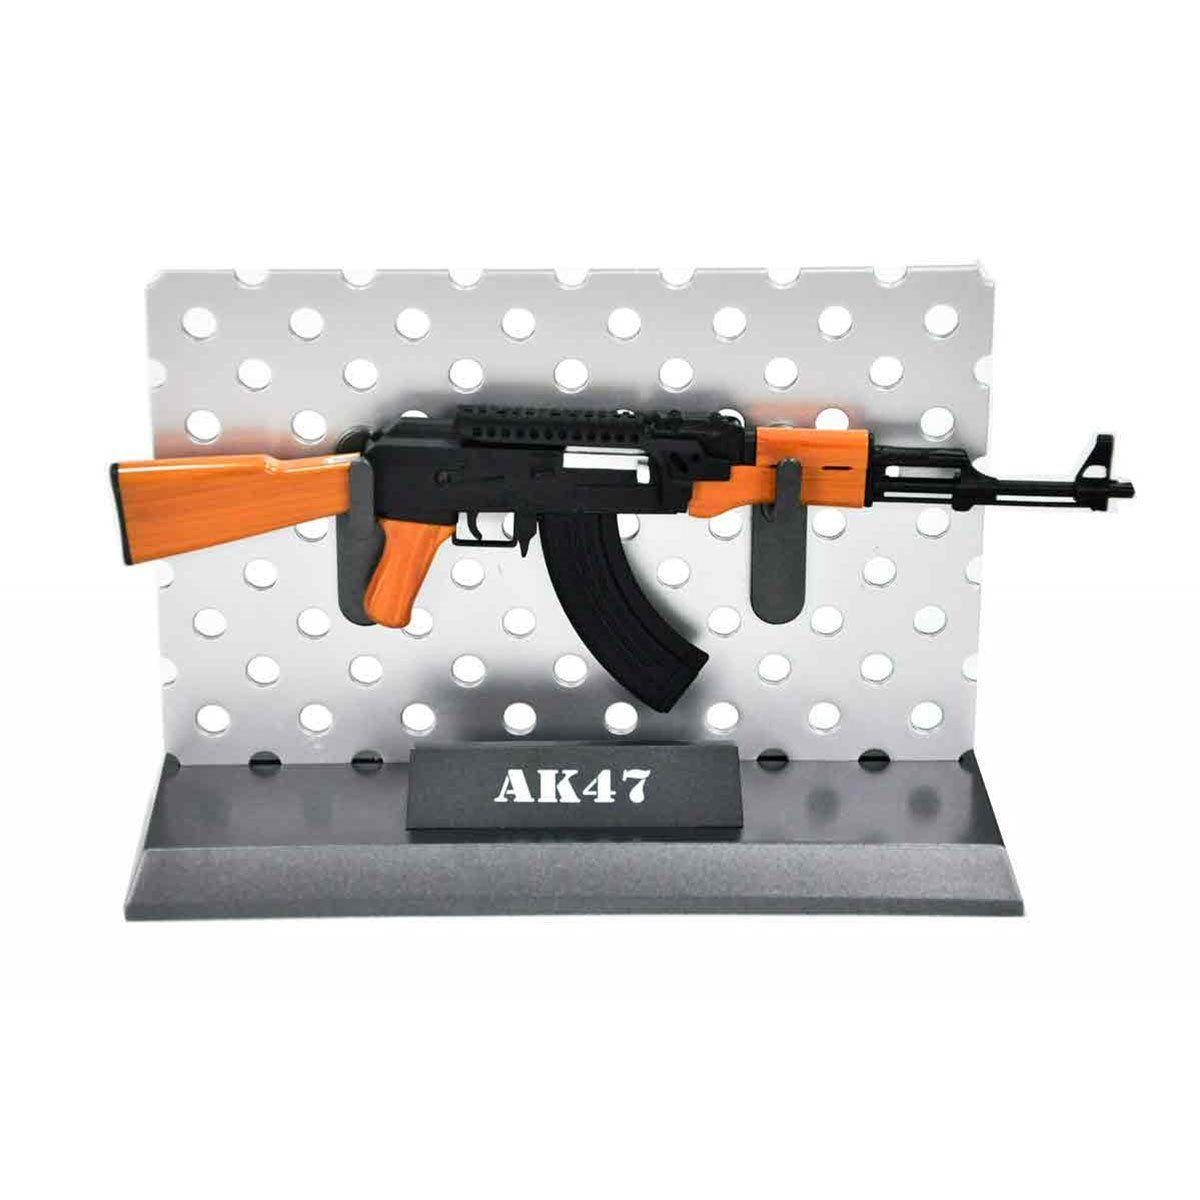 Miniatura de Arma Rifle AK47 Arsenal Guns